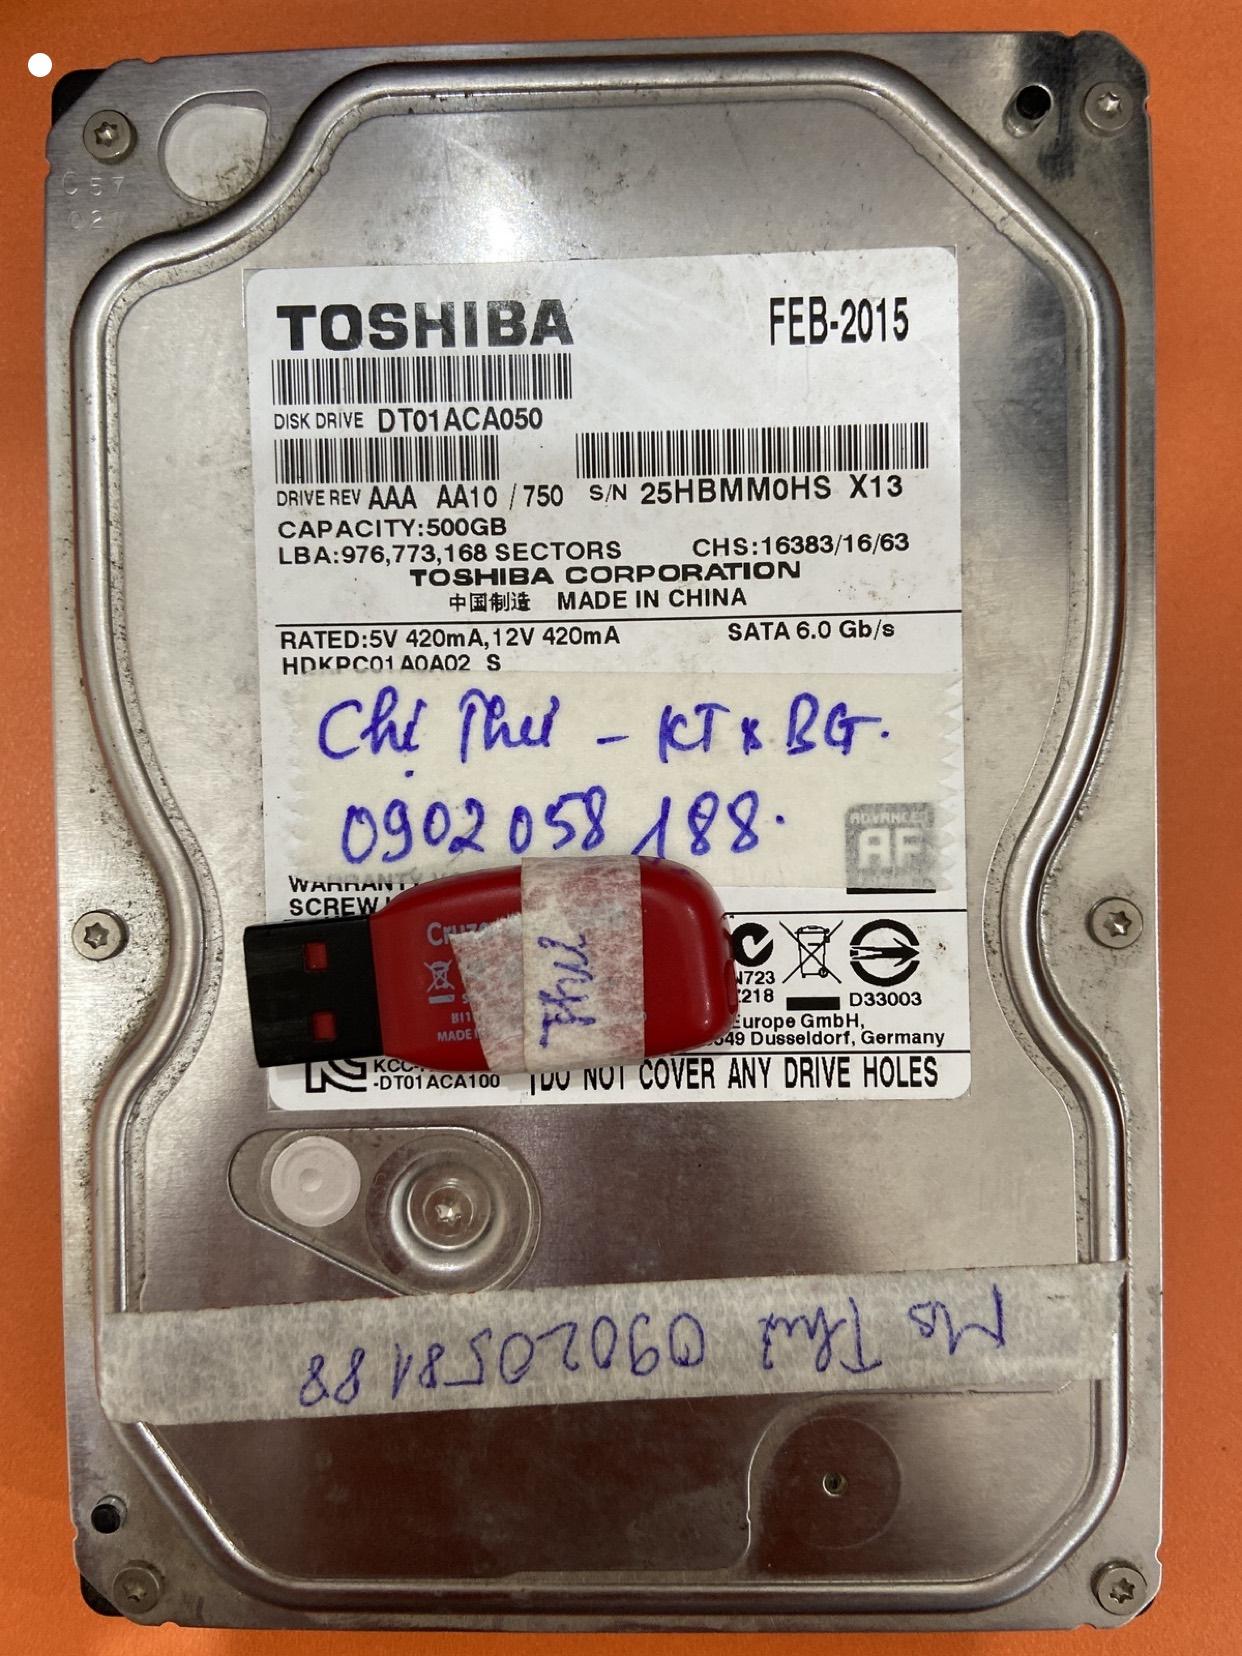 Khôi phục dữ liệu ổ cứng Toshiba 500GB lỗi đầu đọc 12/05/2020 - cuumaytinh